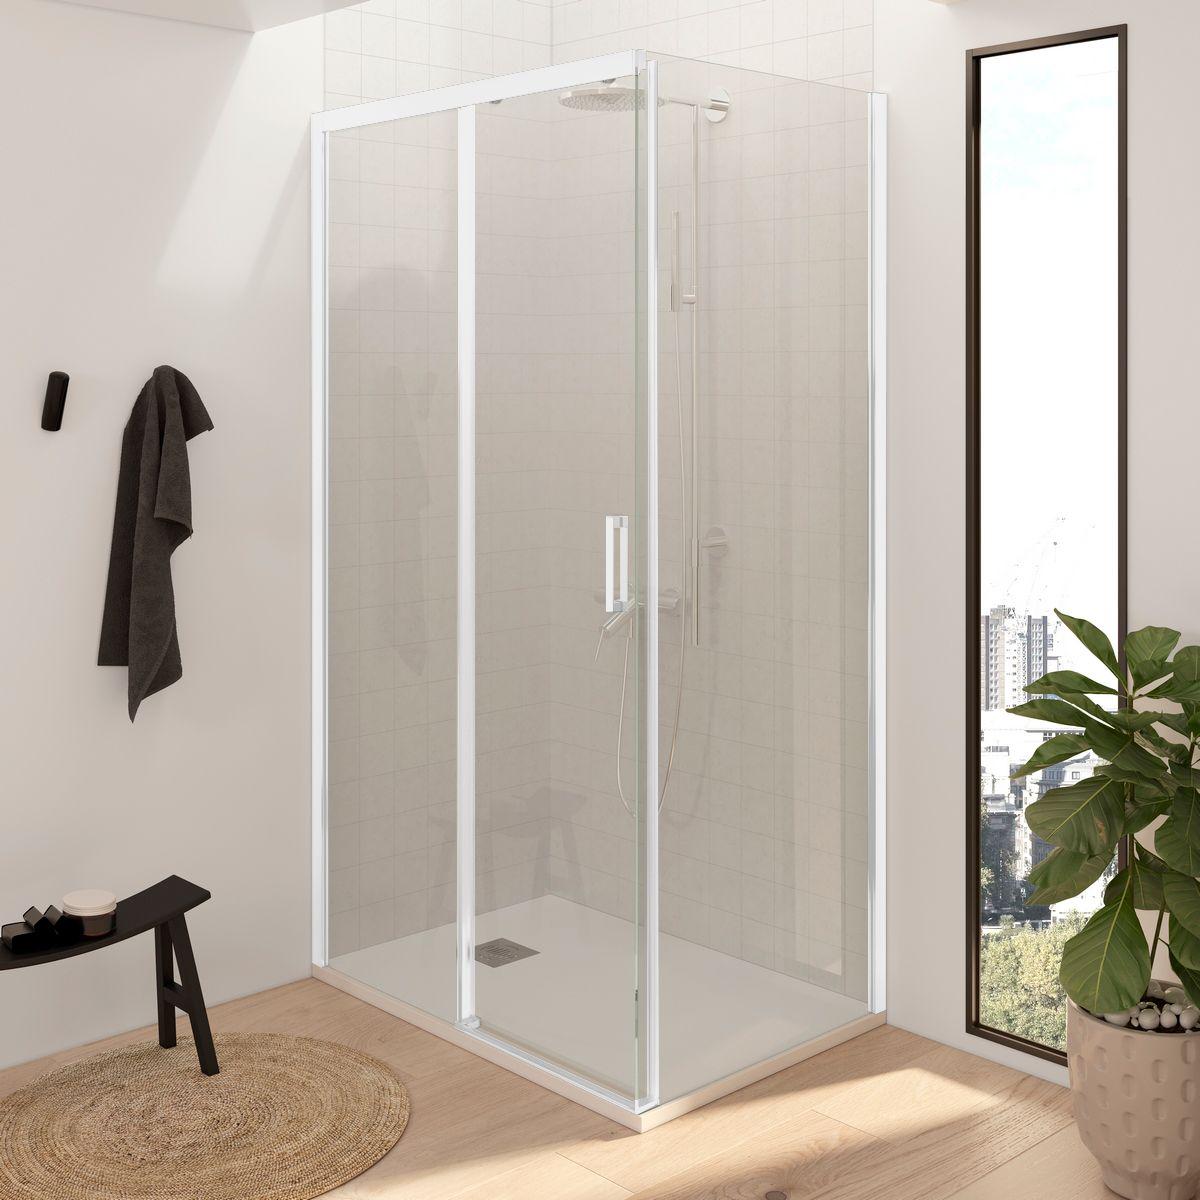 Mampara de ducha rectangular - 1 fijo + puerta corredera + 1 fijo sin perfilería inferior perfilería blanca